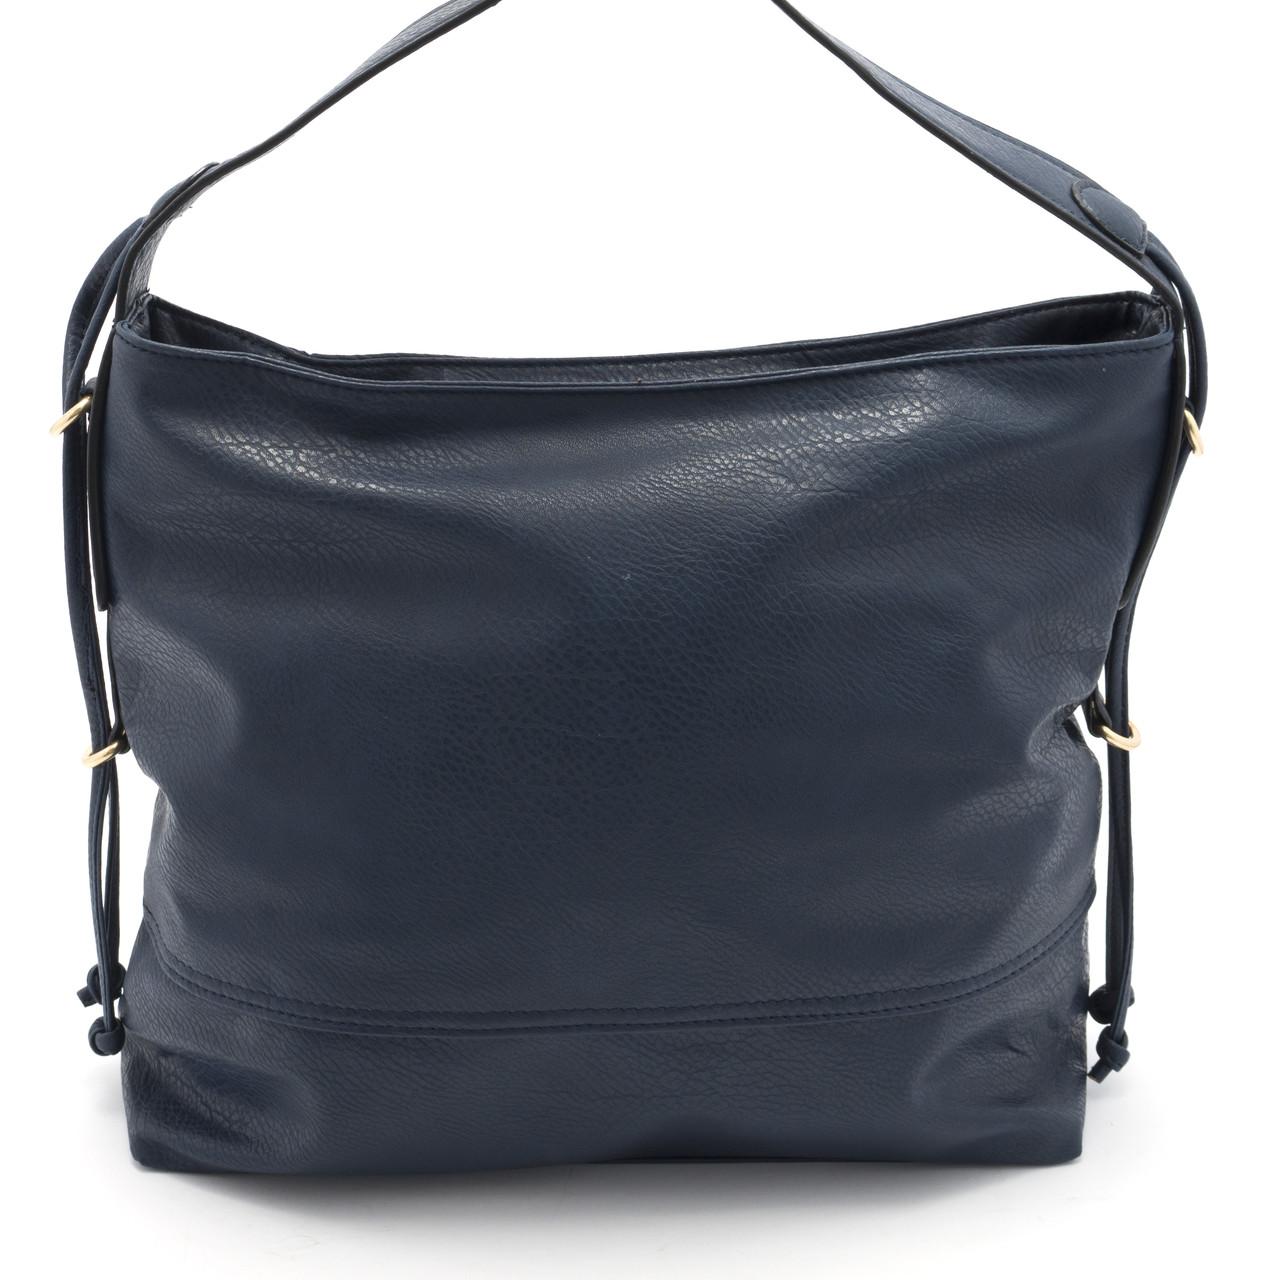 Аккуратная и вместительная женская сумка-рюкзак Б/Н art. 2025 синего цвета